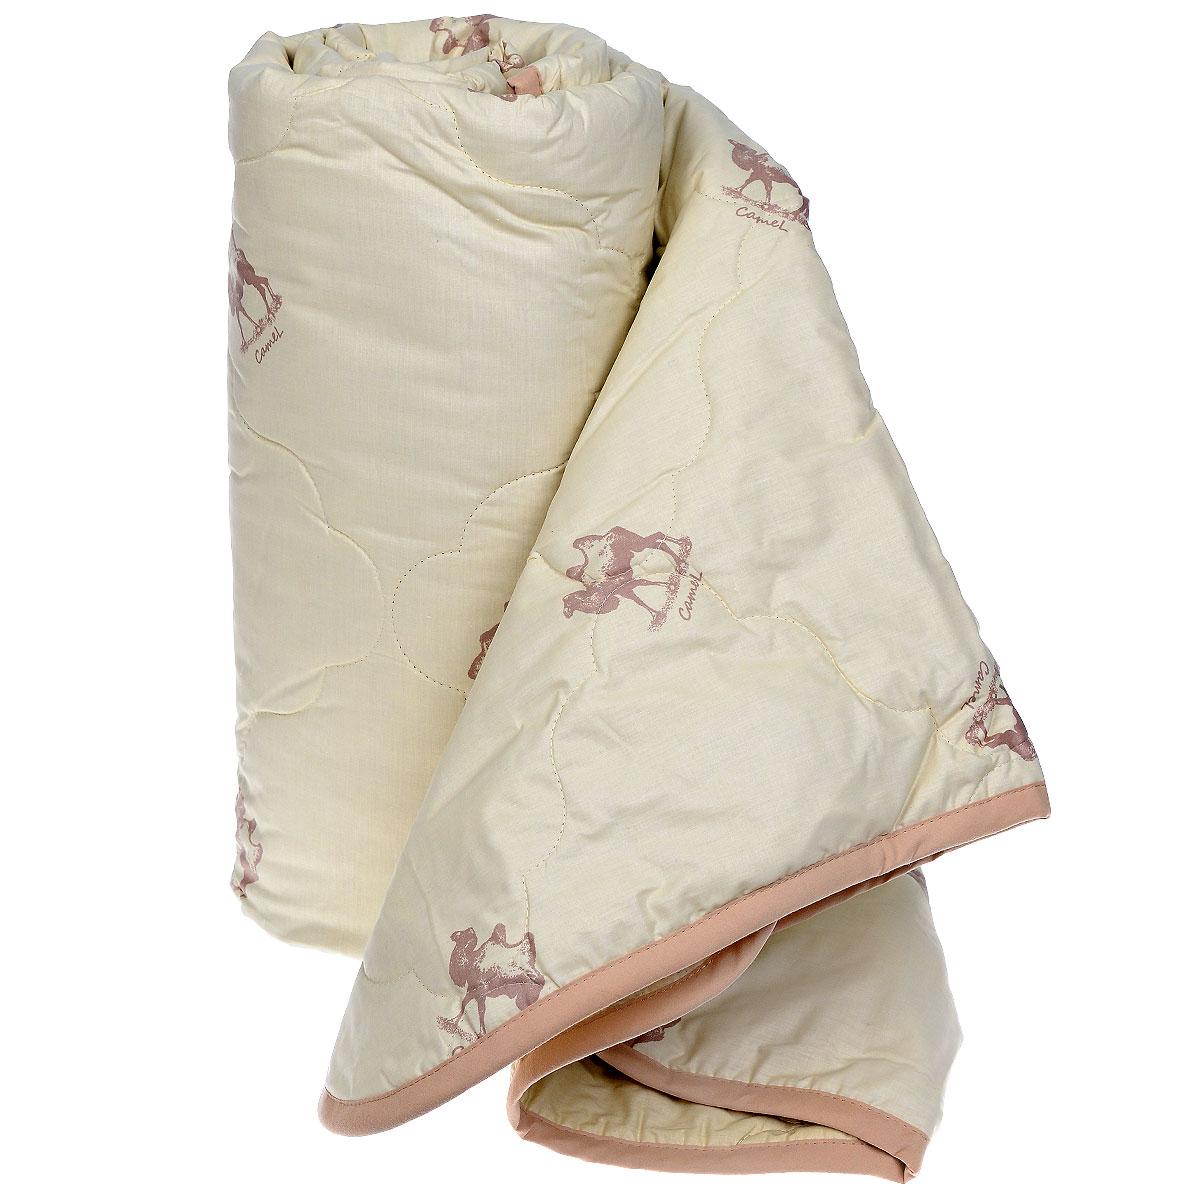 Одеяло Sova & Javoronok, наполнитель: верблюжья шерсть, цвет: бежевый, 140 х 205 см05030116079Чехол одеяла Sova & Javoronok выполнен из высококачественного плотного материала тик (100% хлопок). Наполнитель одеяла изготовлен из верблюжьей шерсти. Стежка надежно удерживает наполнитель внутри и не позволяет ему скатываться. Особенности наполнителя:- исключительные терморегулирующие свойства;- высокое качество прочеса и промывки шерсти;- великолепные ощущения комфорта и уюта. Верблюжья шерсть обладает целебными качествами, содержит наиболее высокий процент ланолина (животного воска), который является природным антисептиком и благоприятно воздействует на организм по целому ряду показателей: оказывает благотворное действие на мышцы, суставы, позвоночник, нормализует кровообращение, имеет профилактический эффект при заболевания опорно-двигательного аппарата. Кроме того, верблюжья шерсть антистатична. Шерсть верблюда сохраняет прохладу в период жаркого лета и удерживает тепло во время суровой зимы. Одеяло упакована в прозрачный пластиковый чехол на змейке с ручкой, что является чрезвычайно удобным при переноске.Рекомендации по уходу:- Стирка запрещена,- Нельзя отбеливать. При стирке не использовать средства, содержащие отбеливатели (хлор),- Не гладить. Не применять обработку паром,- Химчистка с использованием углеводорода, хлорного этилена,- Нельзя выжимать и сушить в стиральной машине. Размер одеяла: 140 см х 205 см. Материал чехла: тик (100% хлопок). Наполнитель: 30% верблюжья шерсть, 70% полиэфирное волокно.